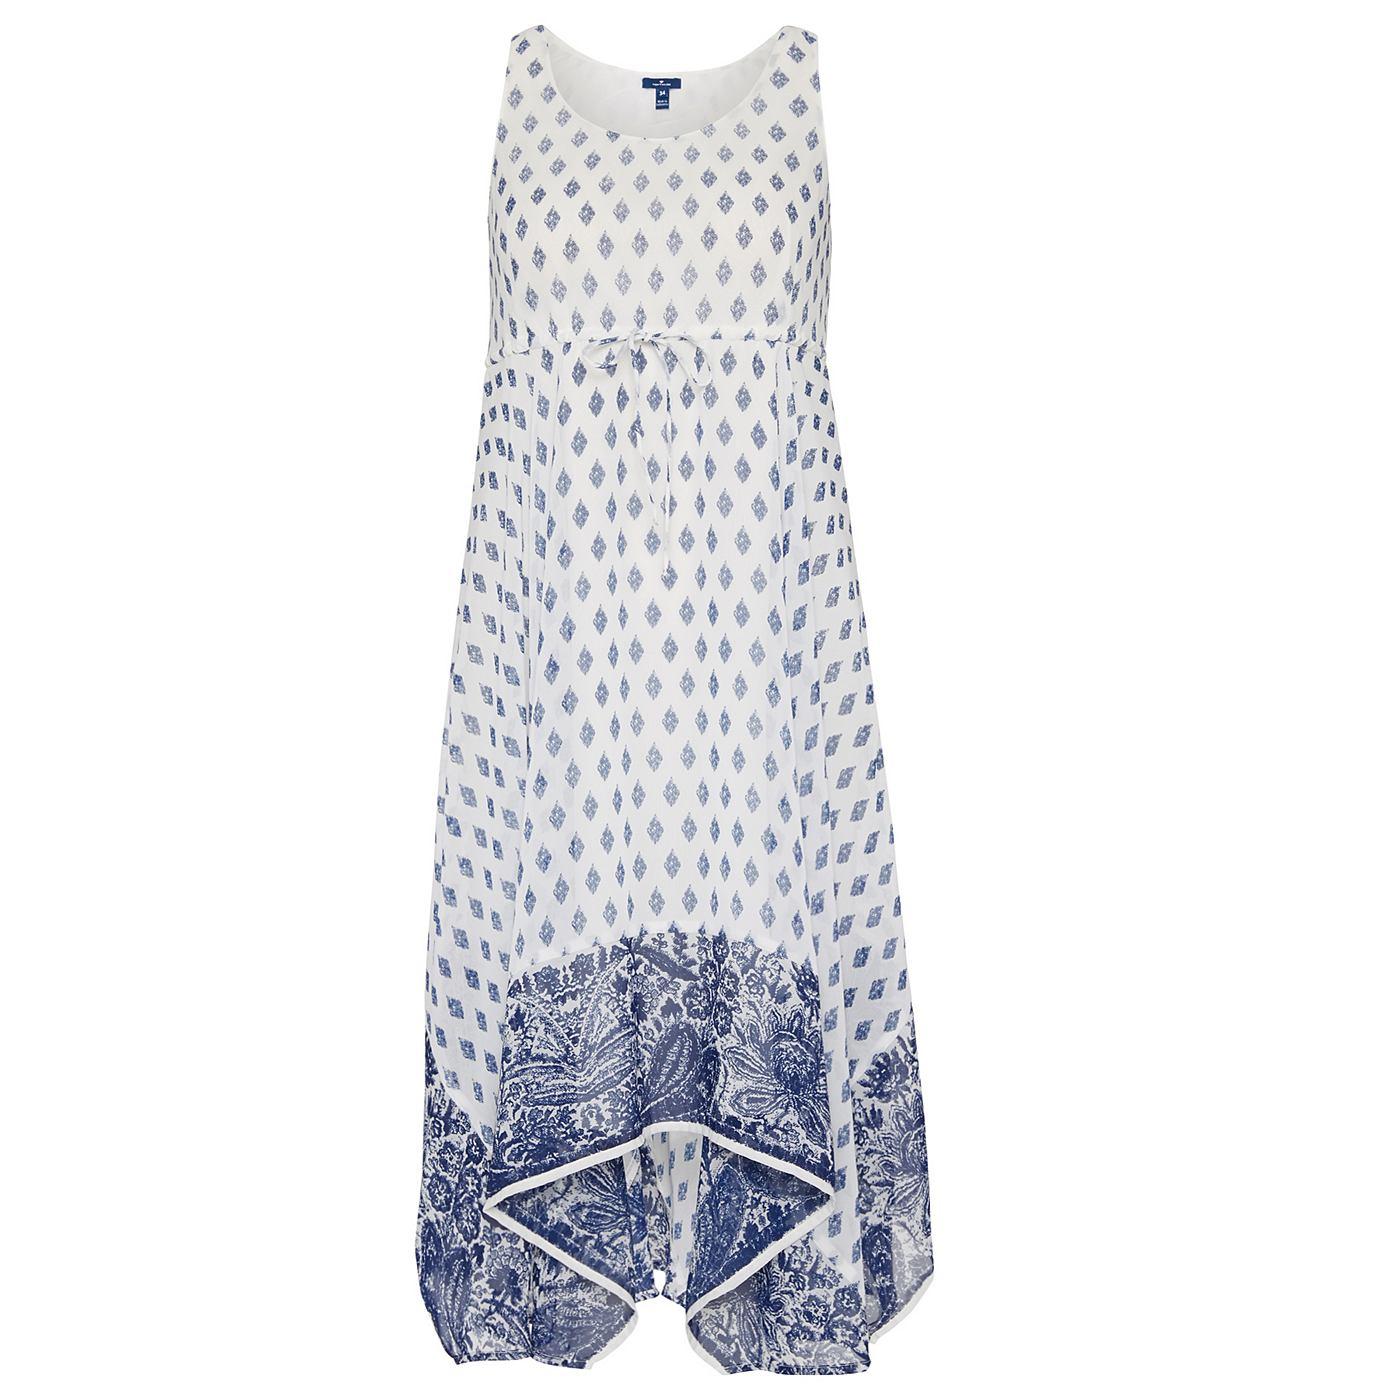 Tom Tailor jurk »Vrouwelijke zomerjurk met print« wit